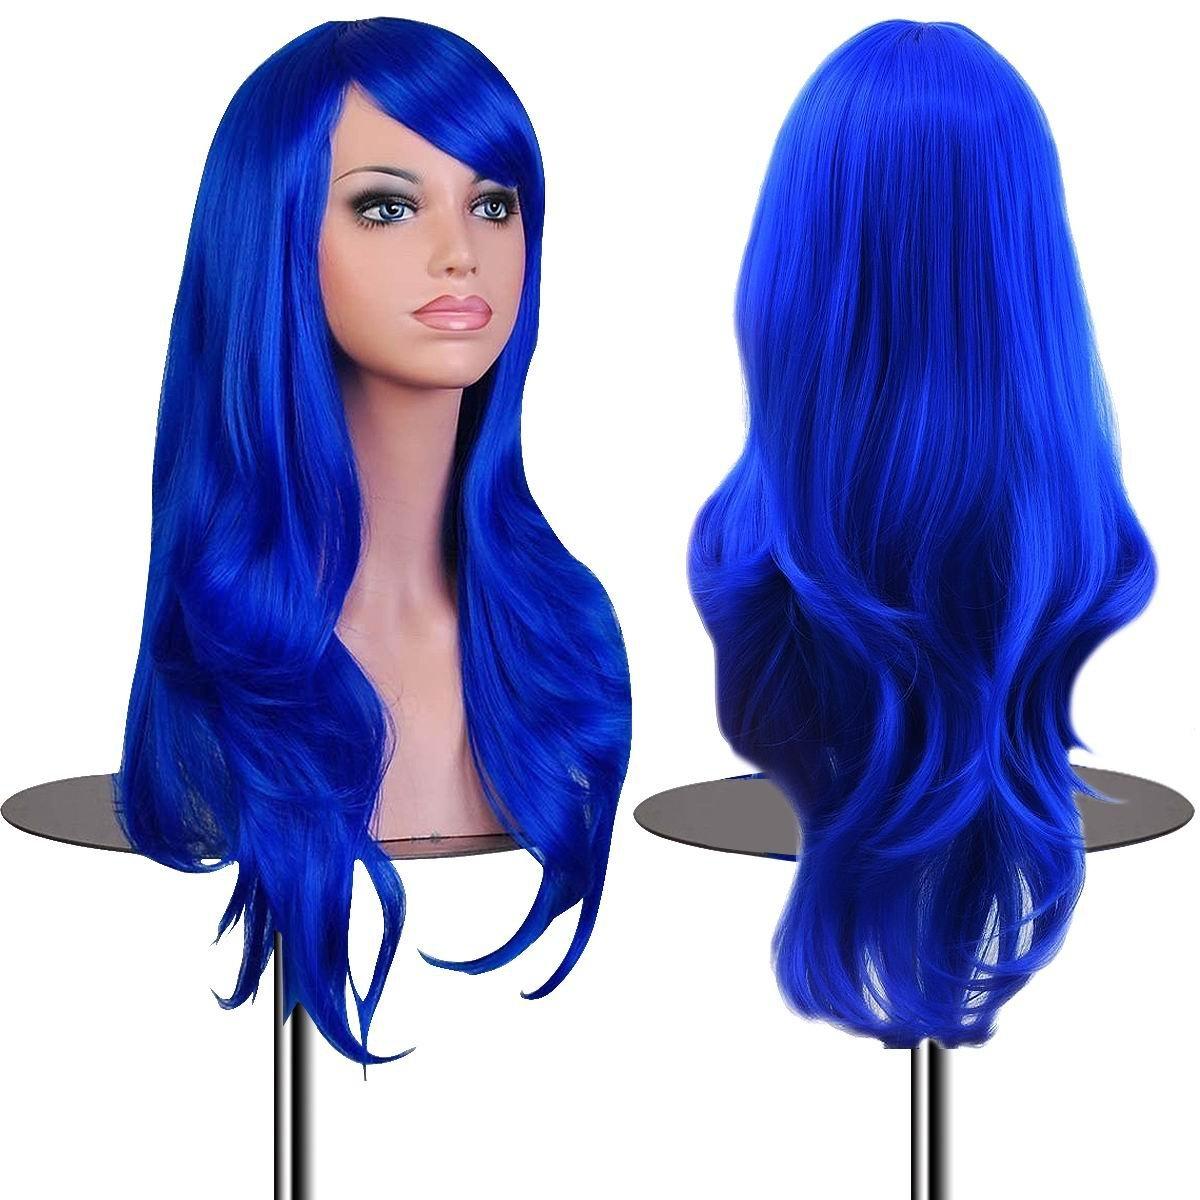 Details about Wigs 70 cm   28